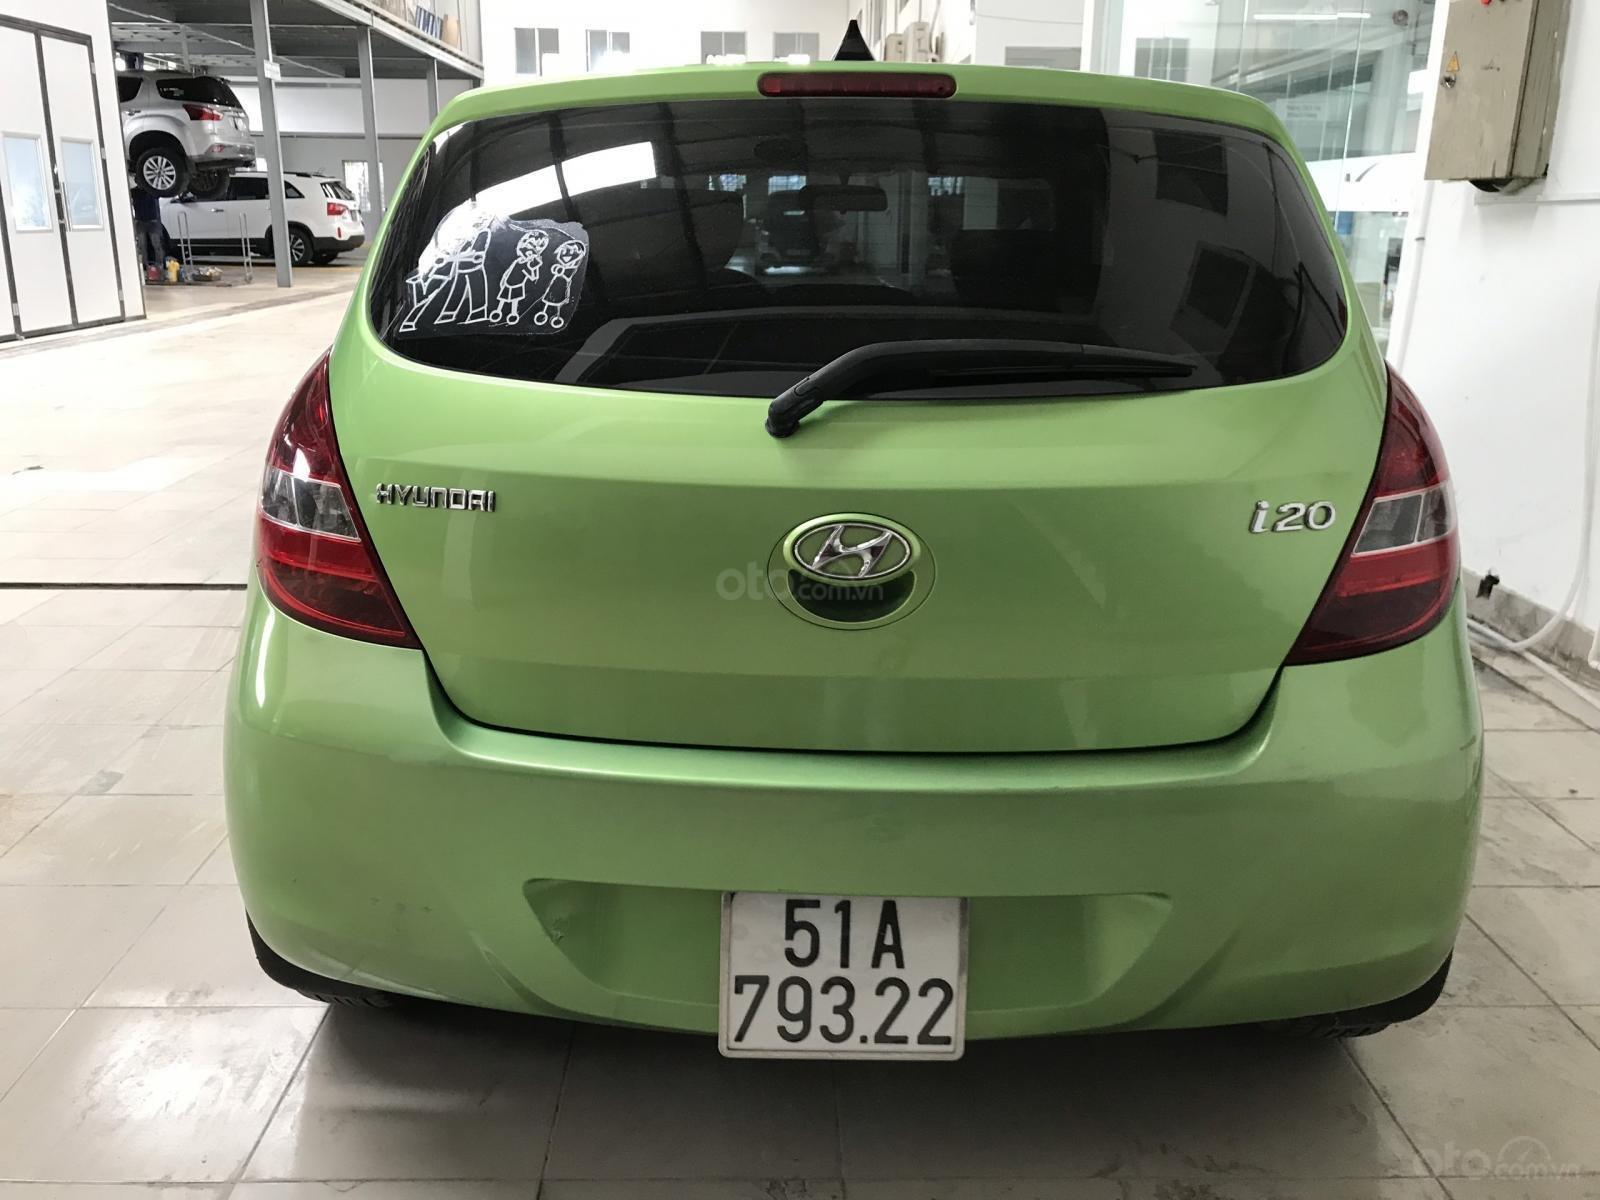 Bán Hyundai I20 1.4AT nhập Ấn Độ 2012, đăng ký 2014 biển Sài Gòn, số tự động 5 cửa (3)